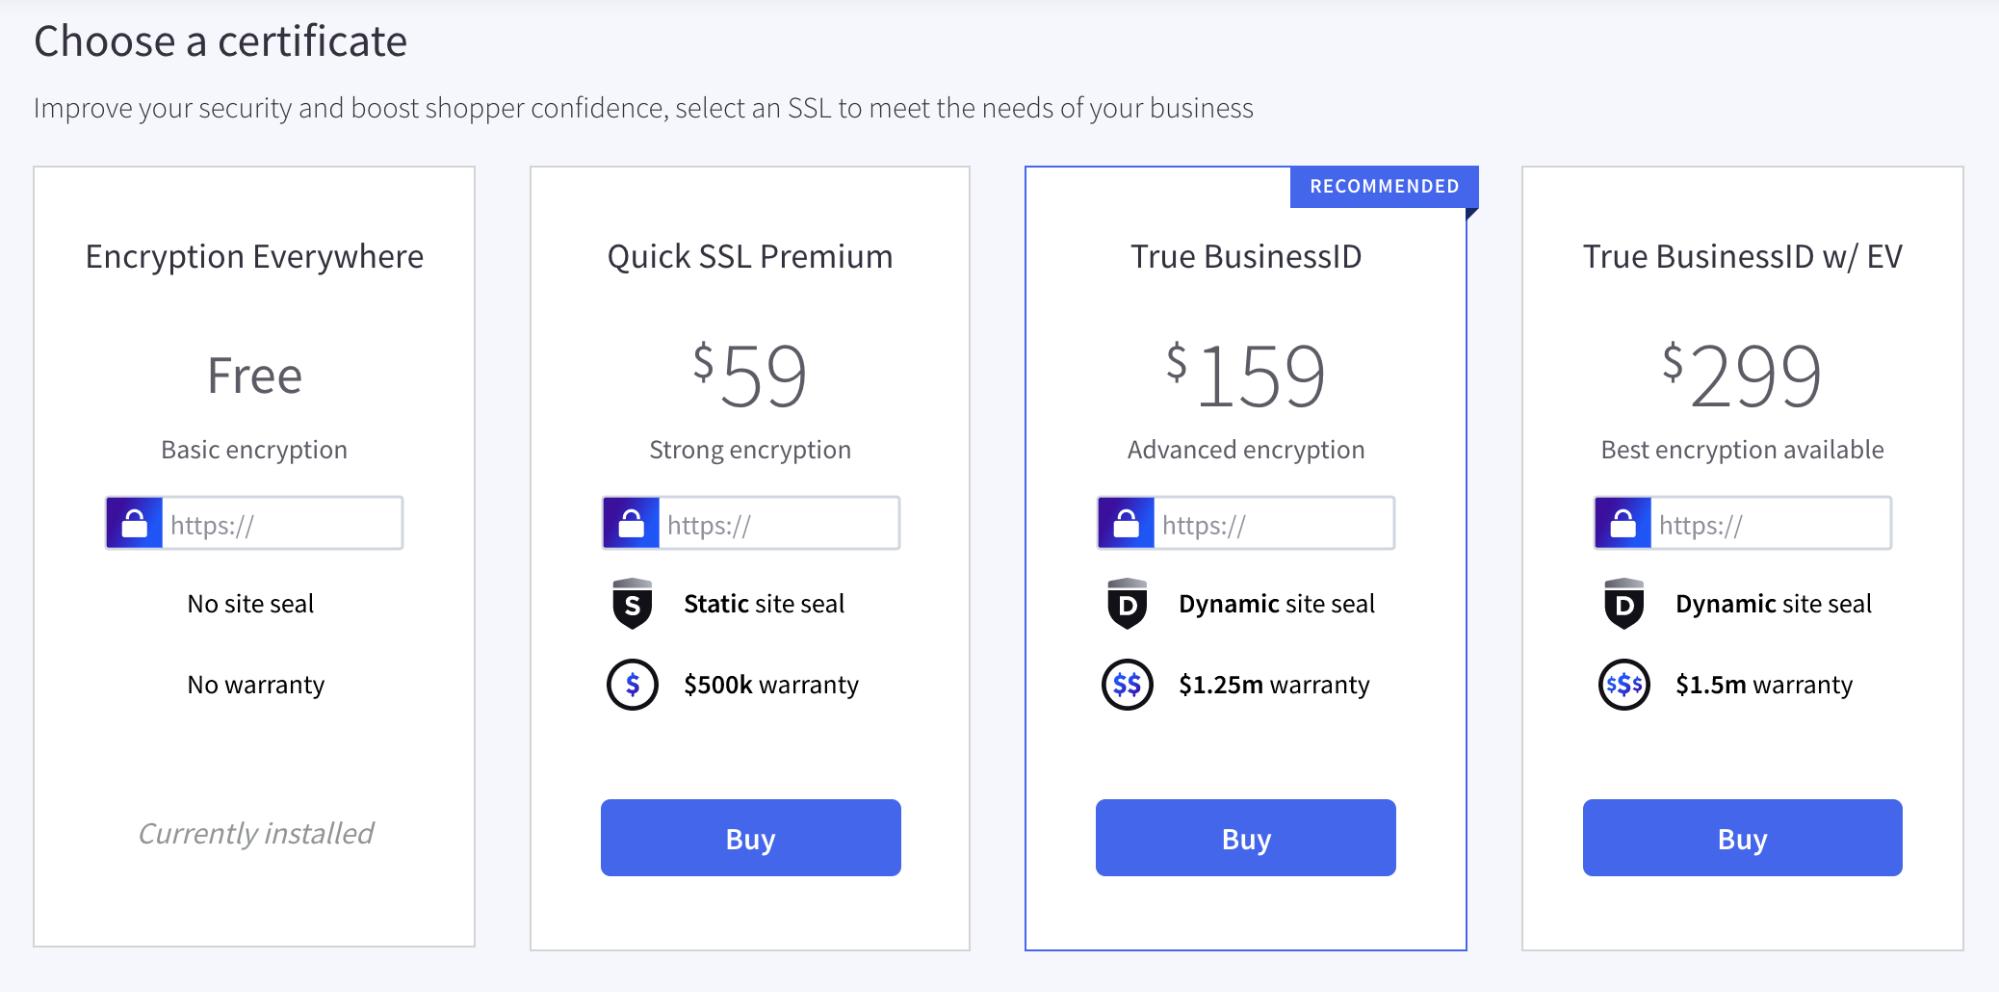 4 SSL certificate options